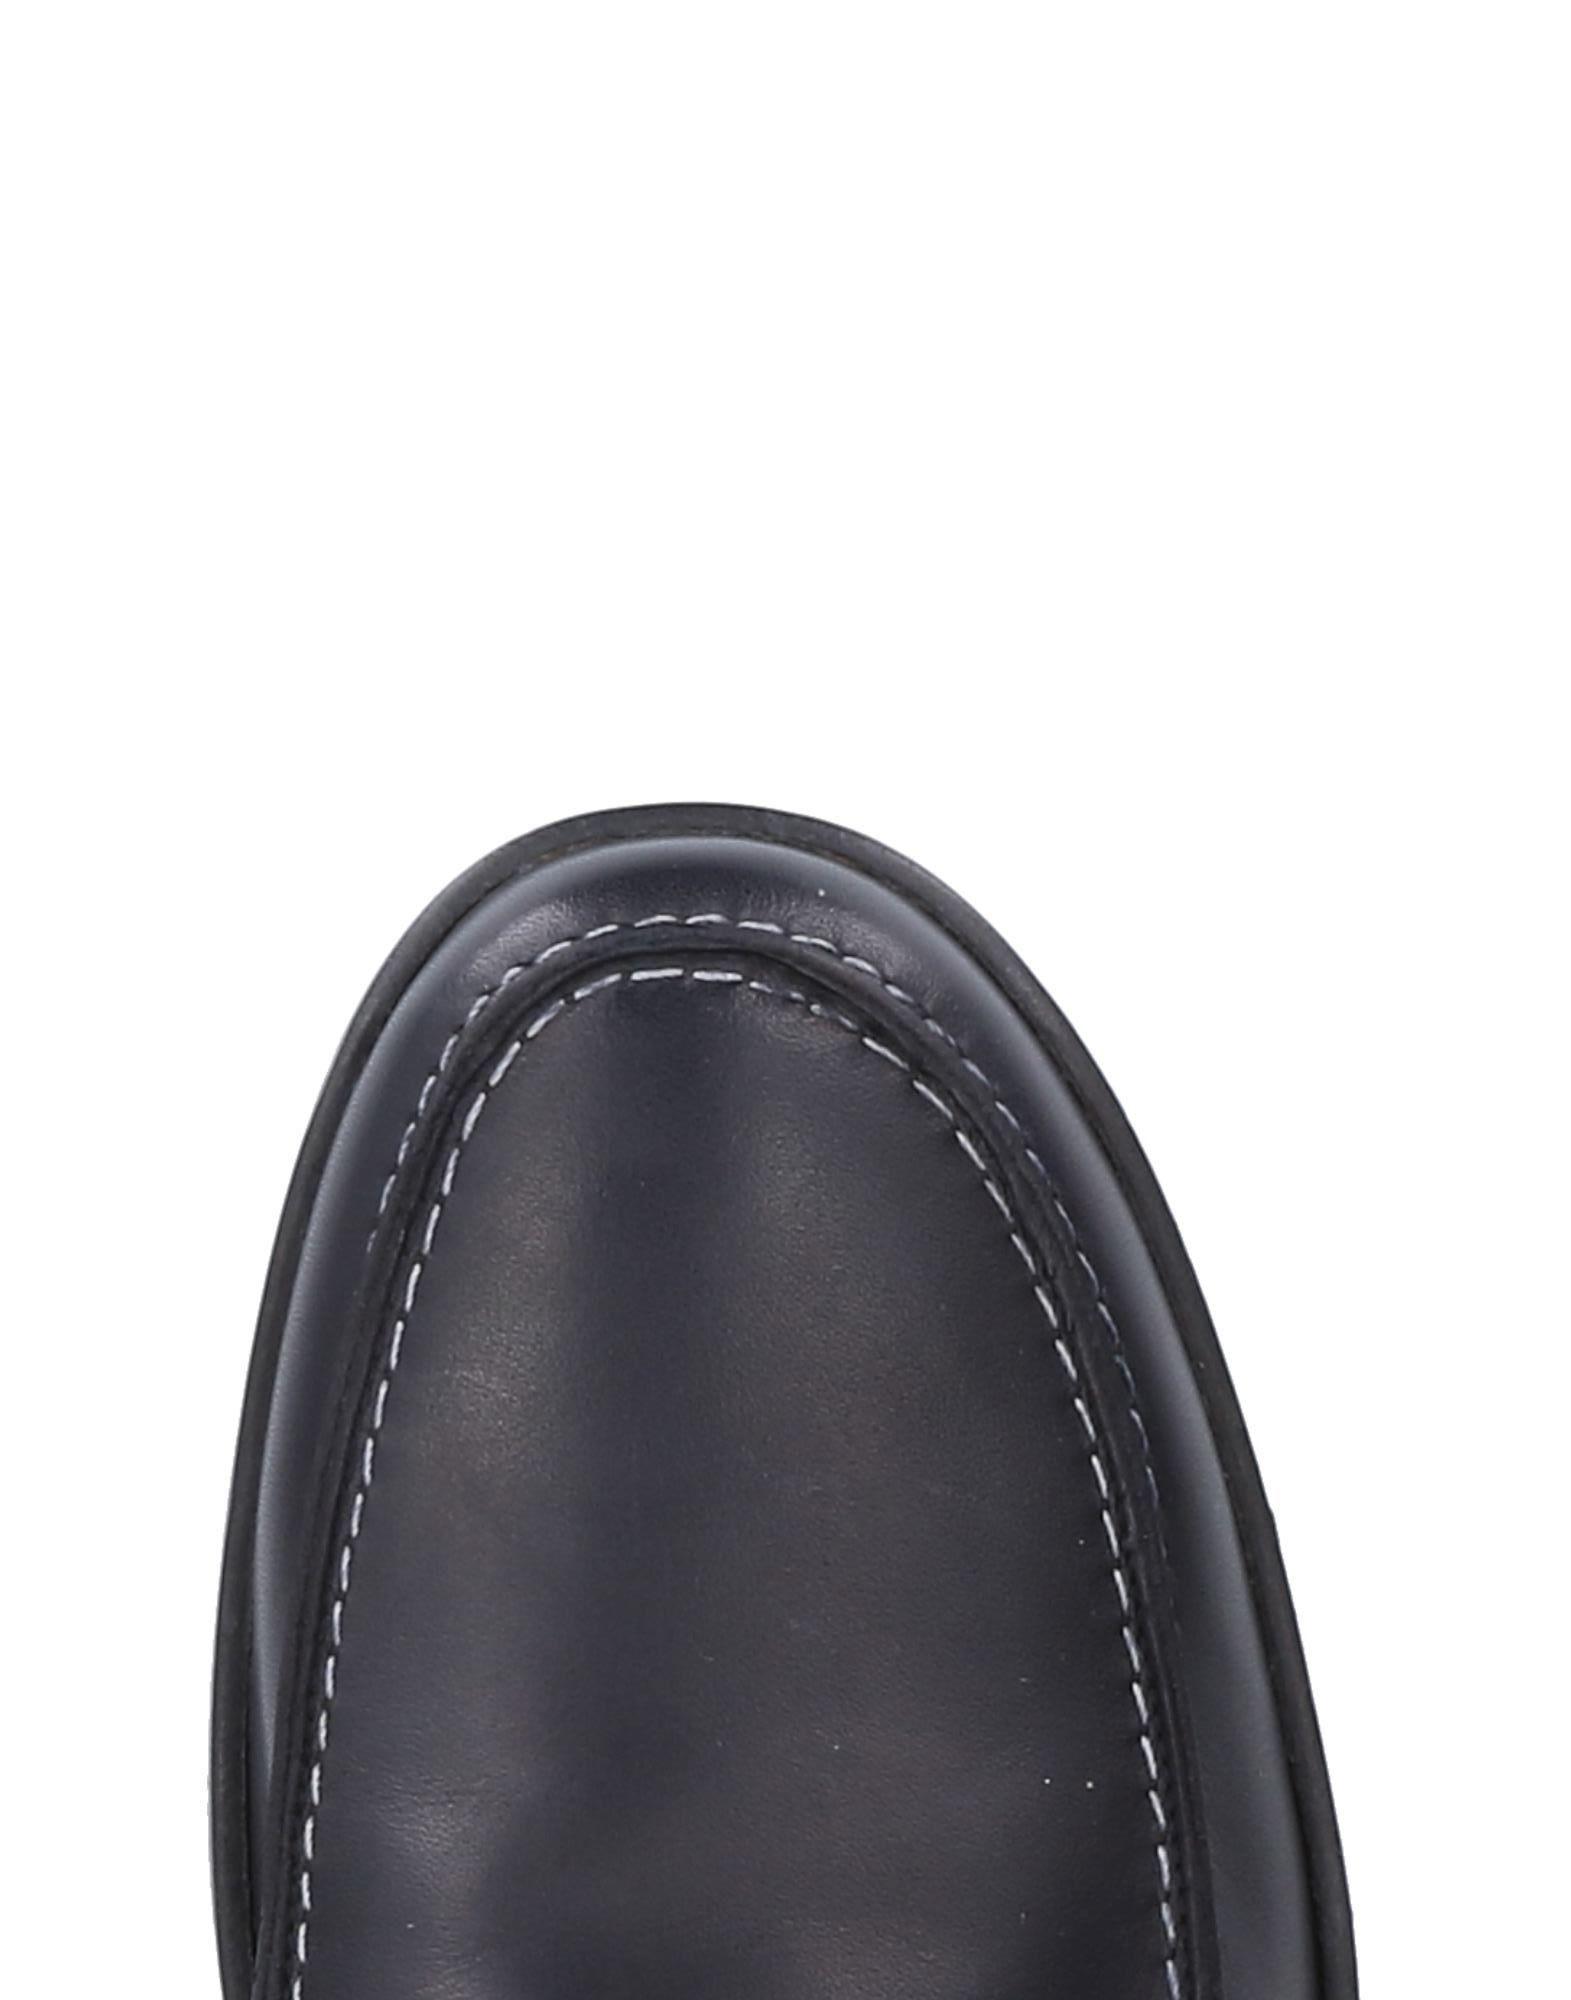 Guerresco Mokassins Damen Qualität  11513553AX Gute Qualität Damen beliebte Schuhe d0a07c